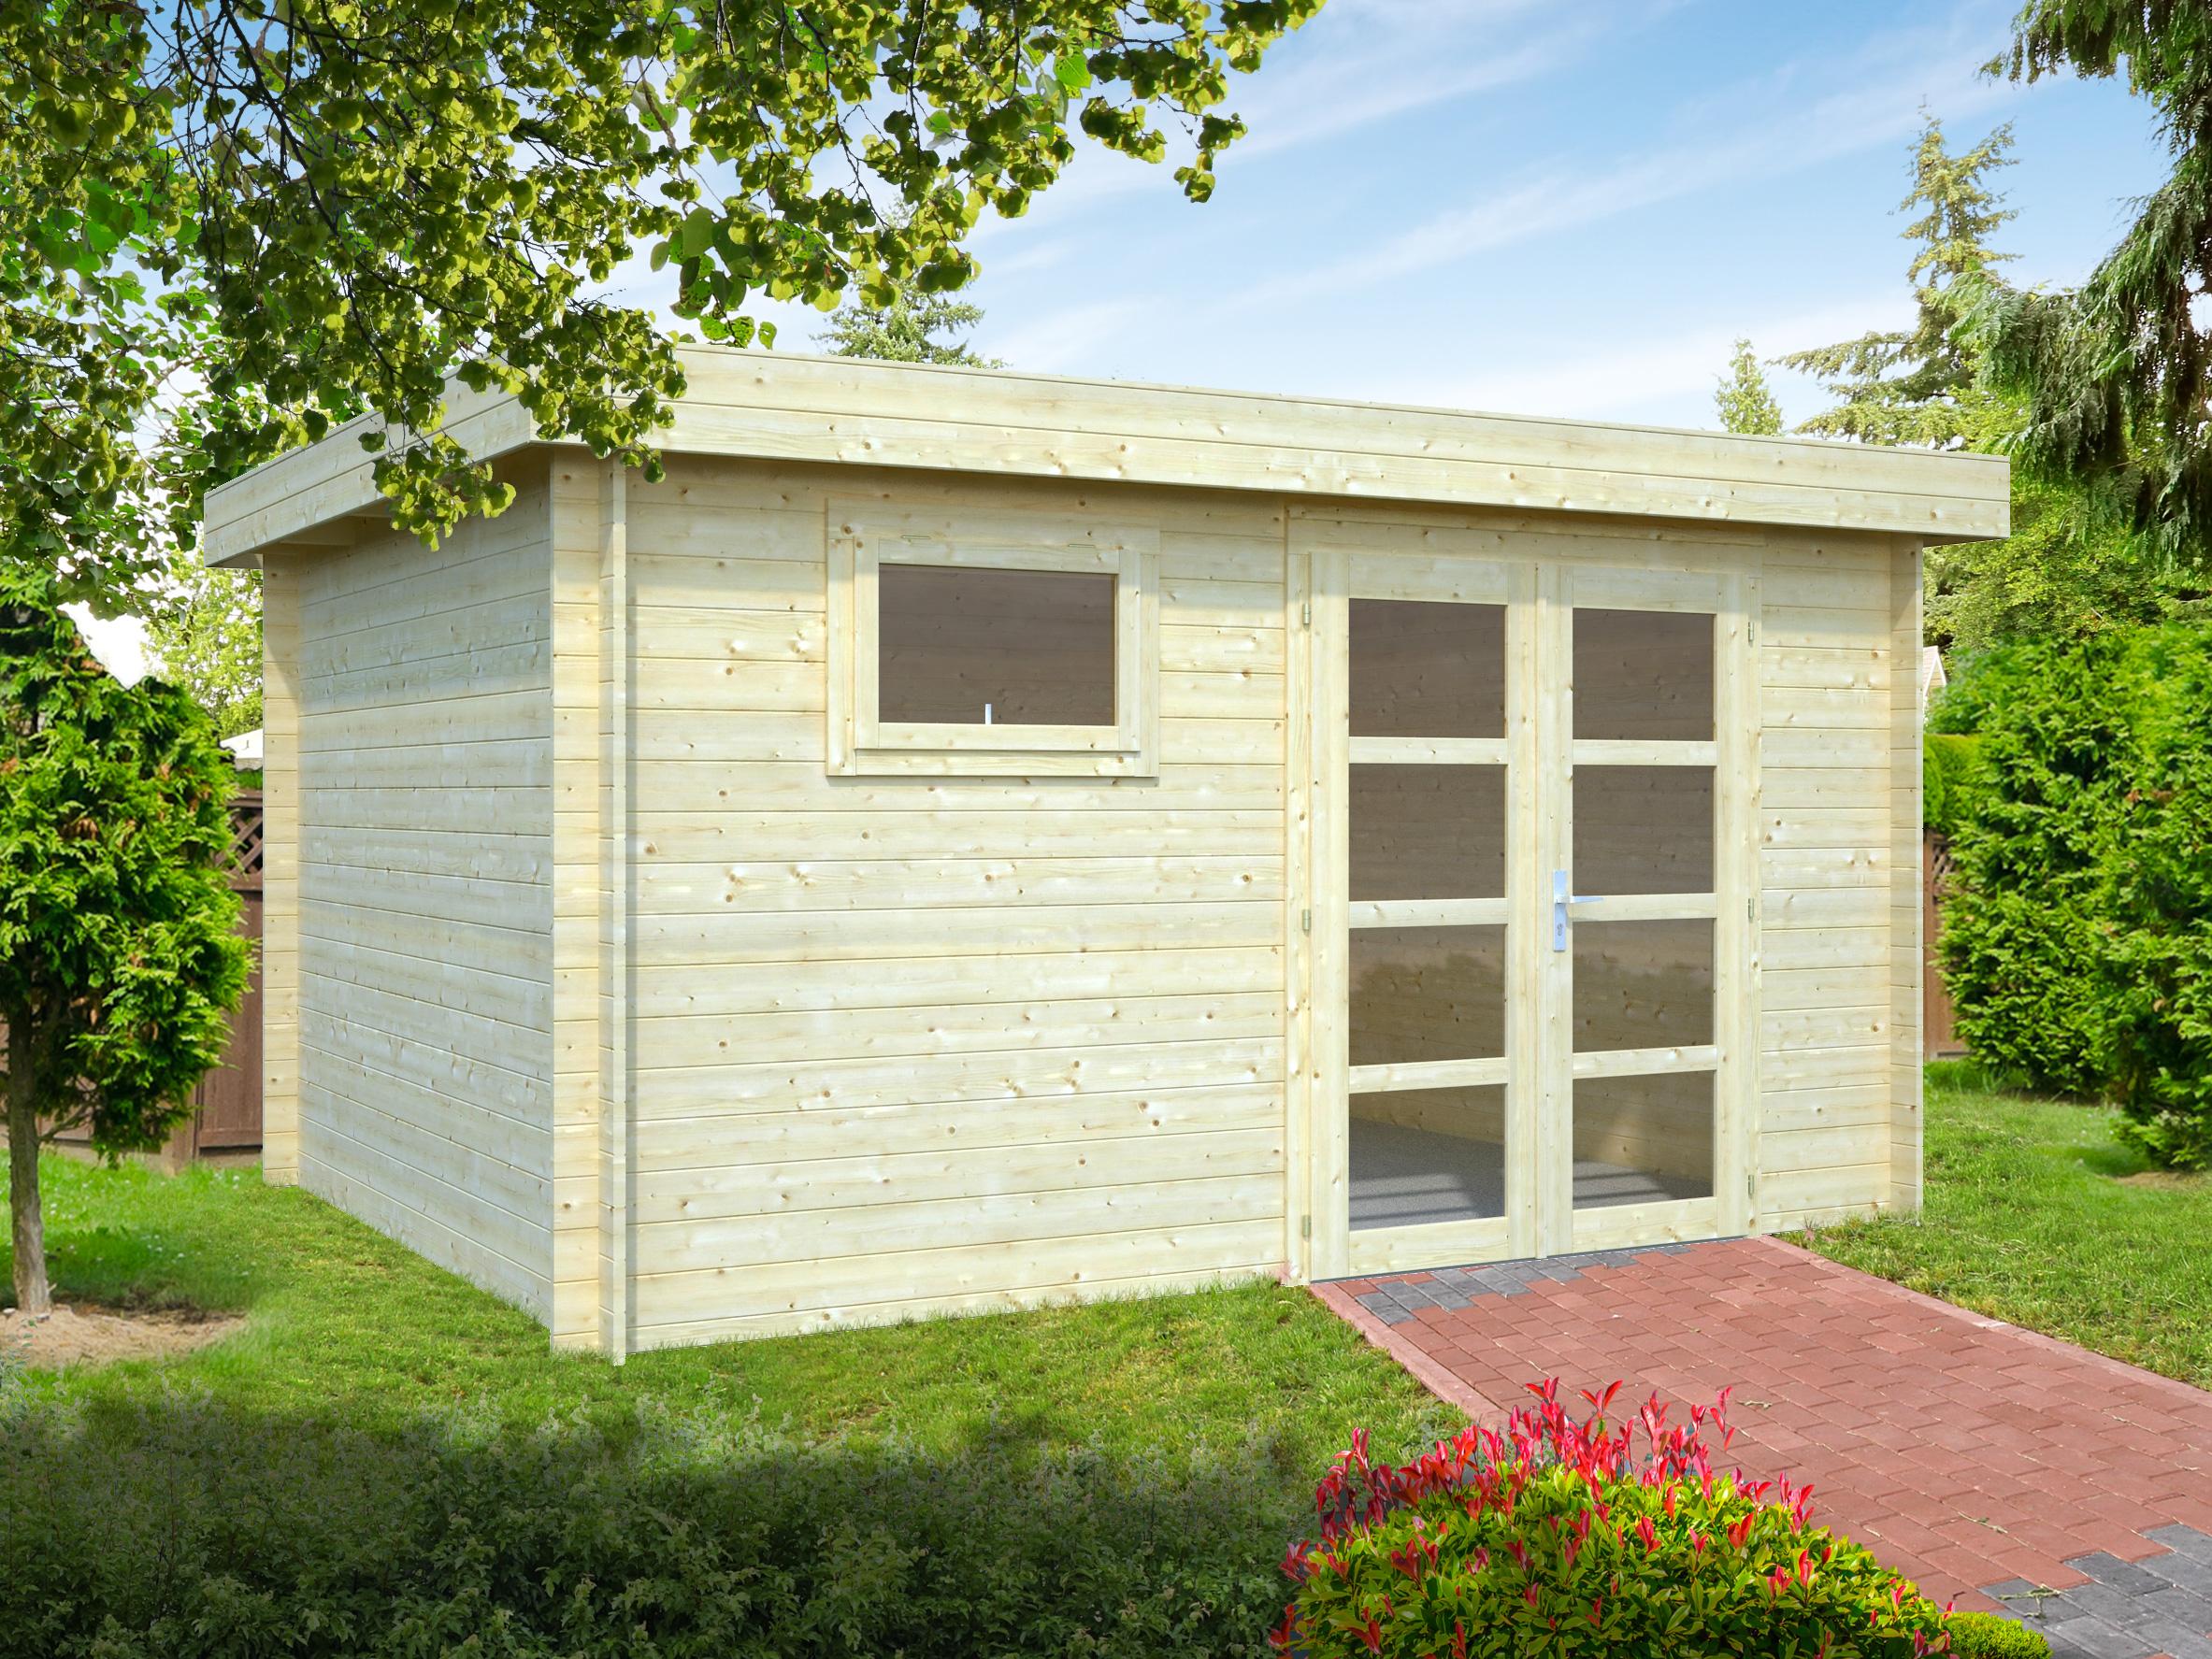 Abri de jardin elsa 11 3m jardi aisne animalerie for Abri exterieur jardin